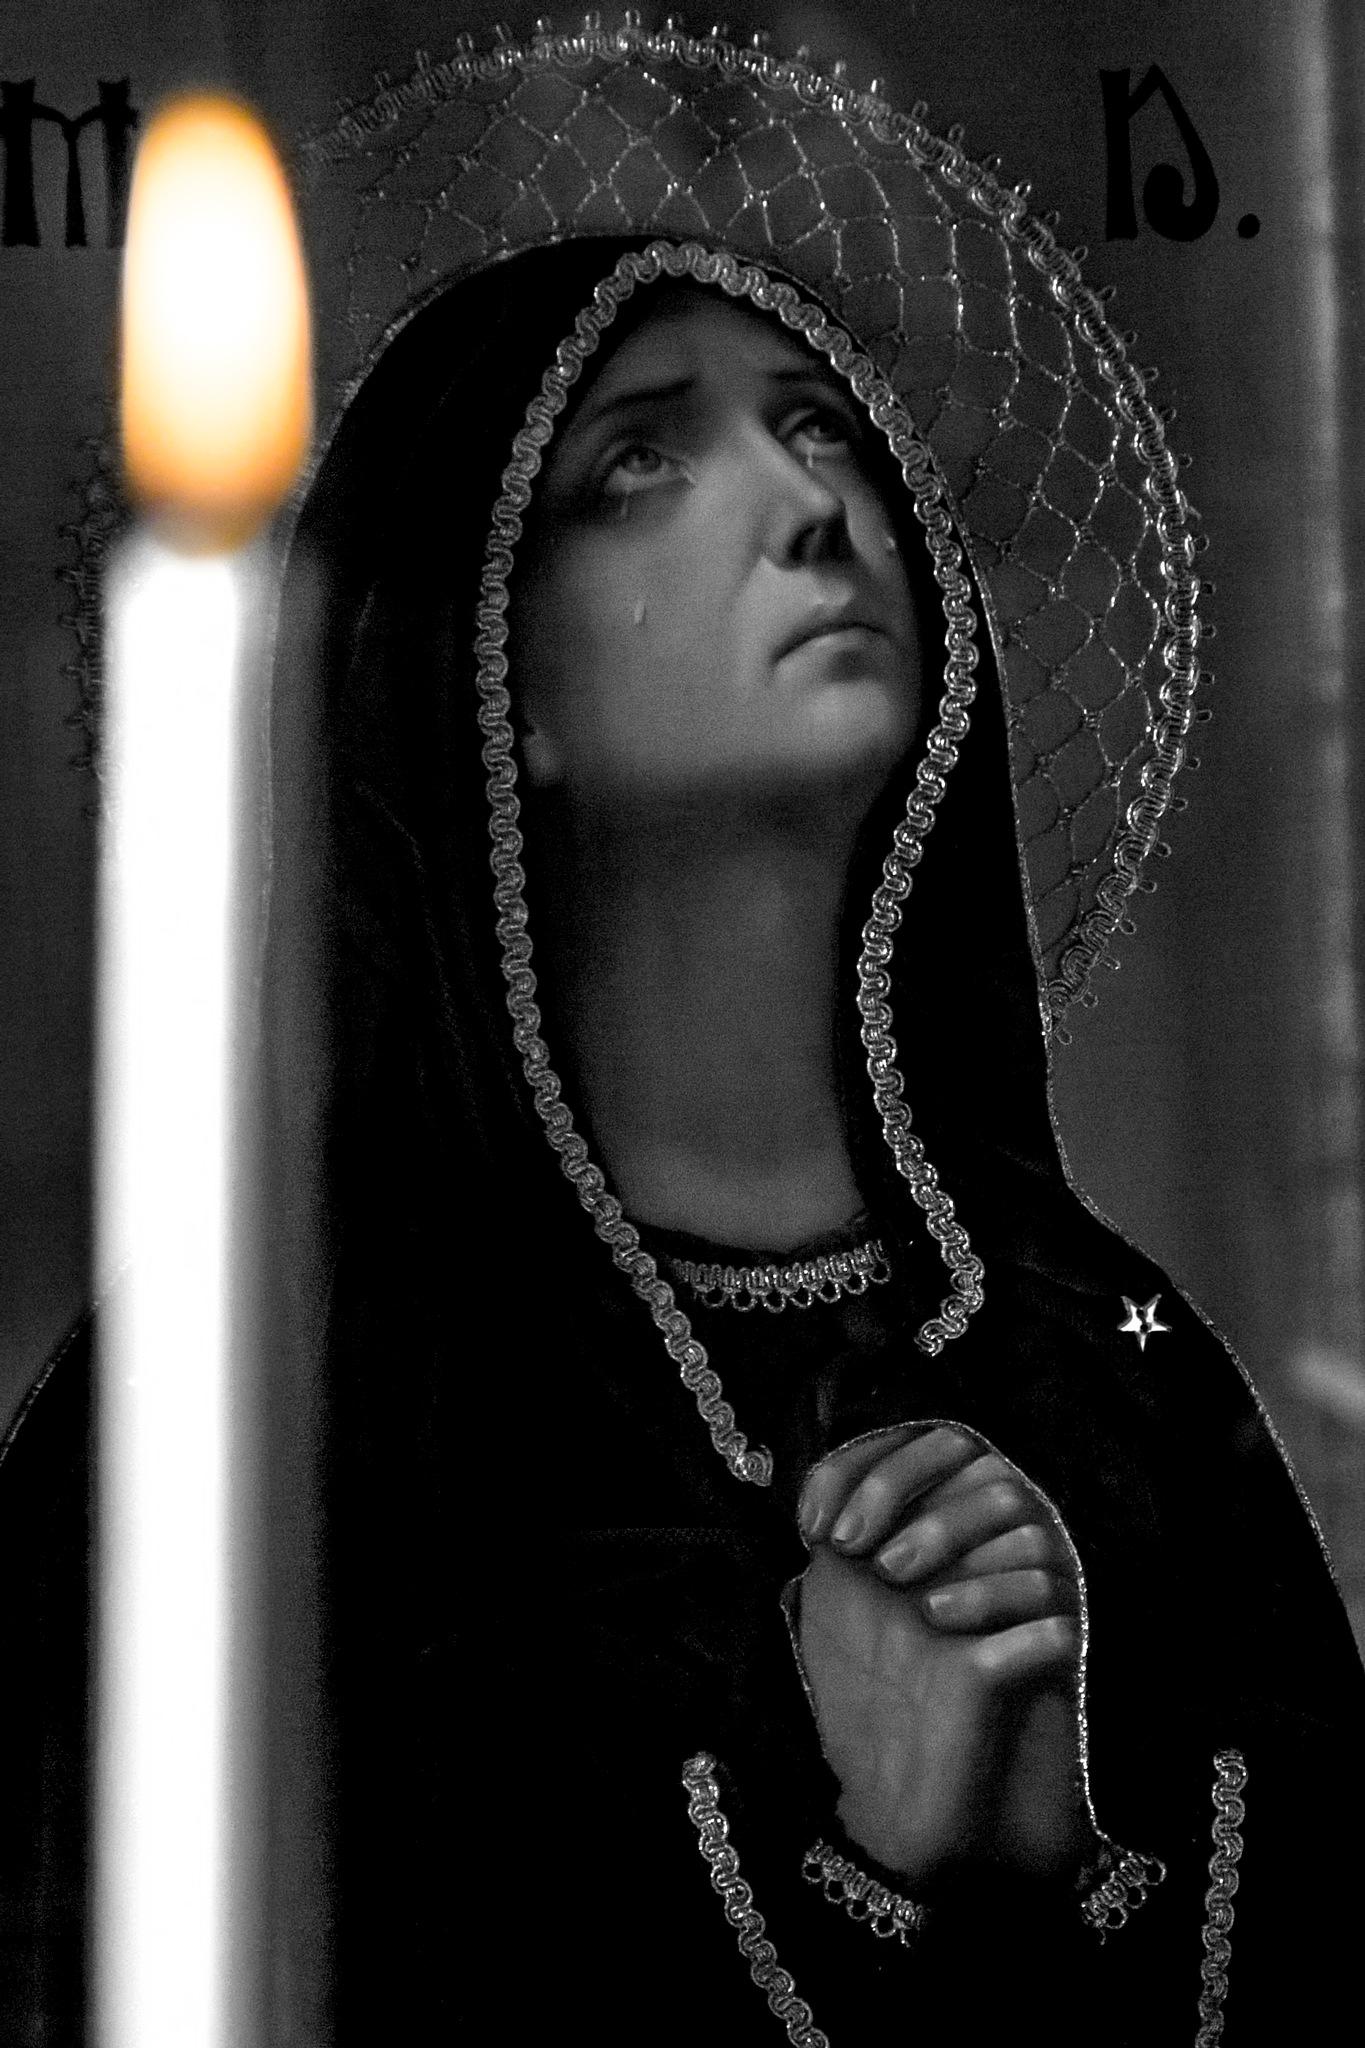 Faith by Sorin Panait